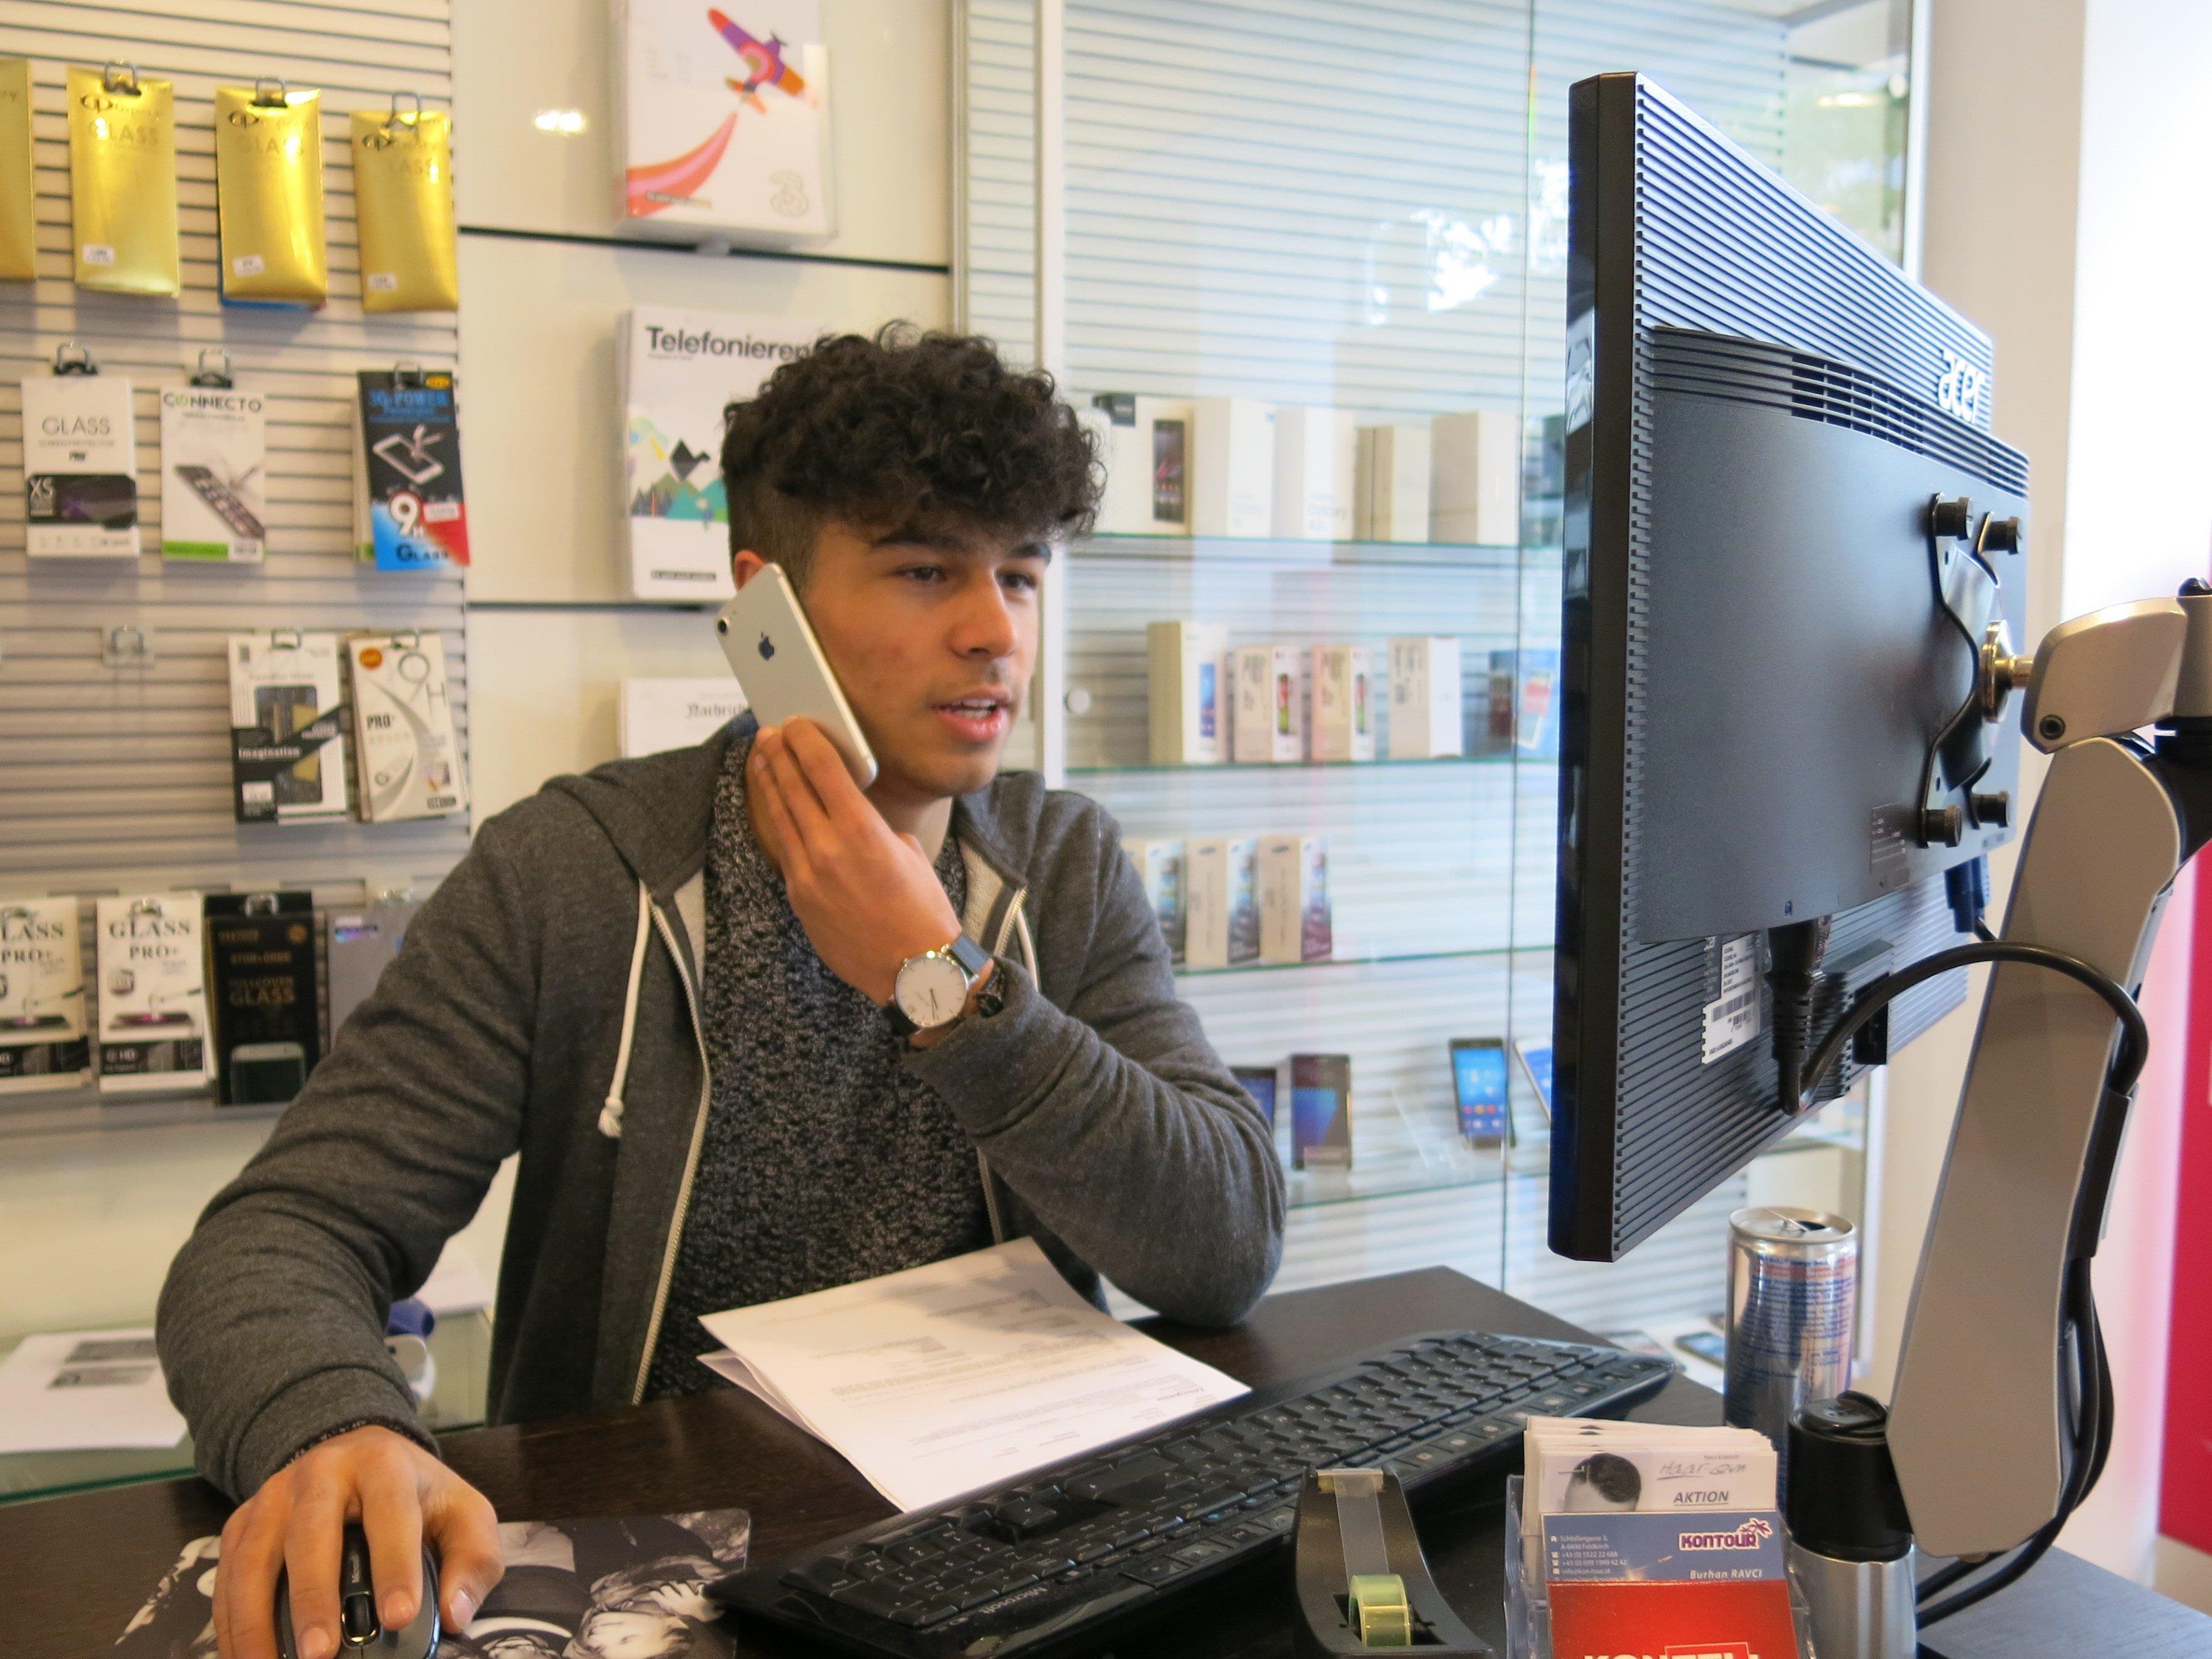 Mehmet Islek wird zum Profi in der Beratung Telekommunkation ausgebildet